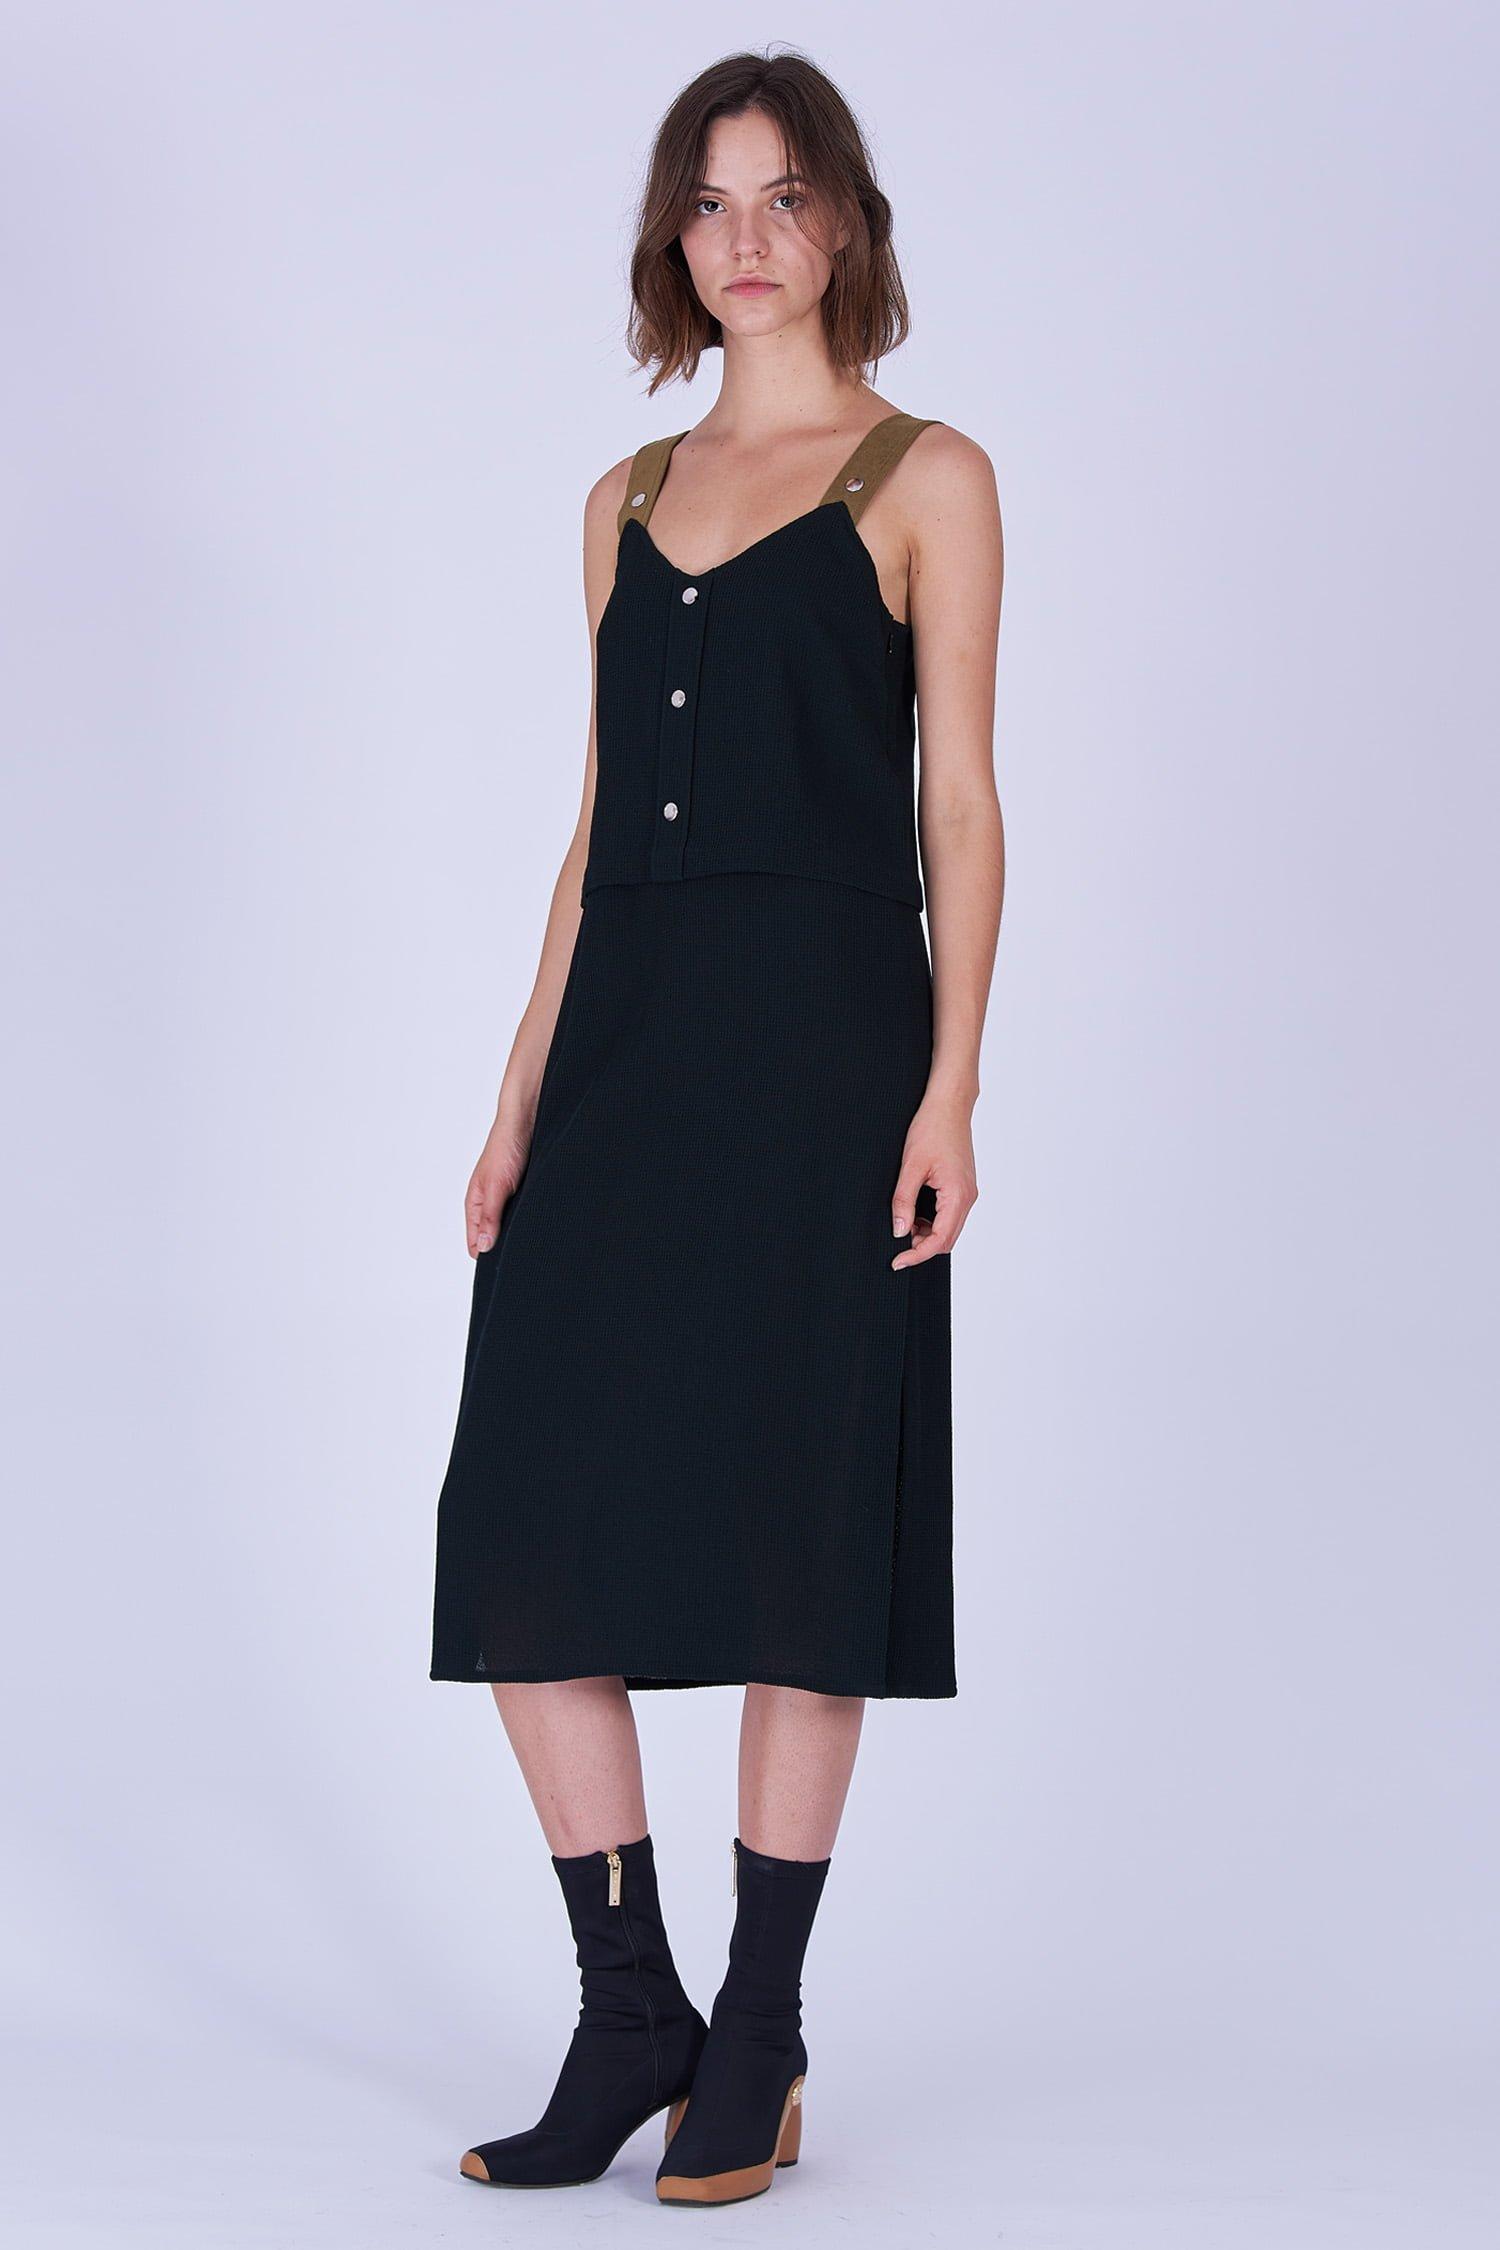 Acephala Fw19 20 Black Strap Midi Dress Czarna Sukienka Szelki Side